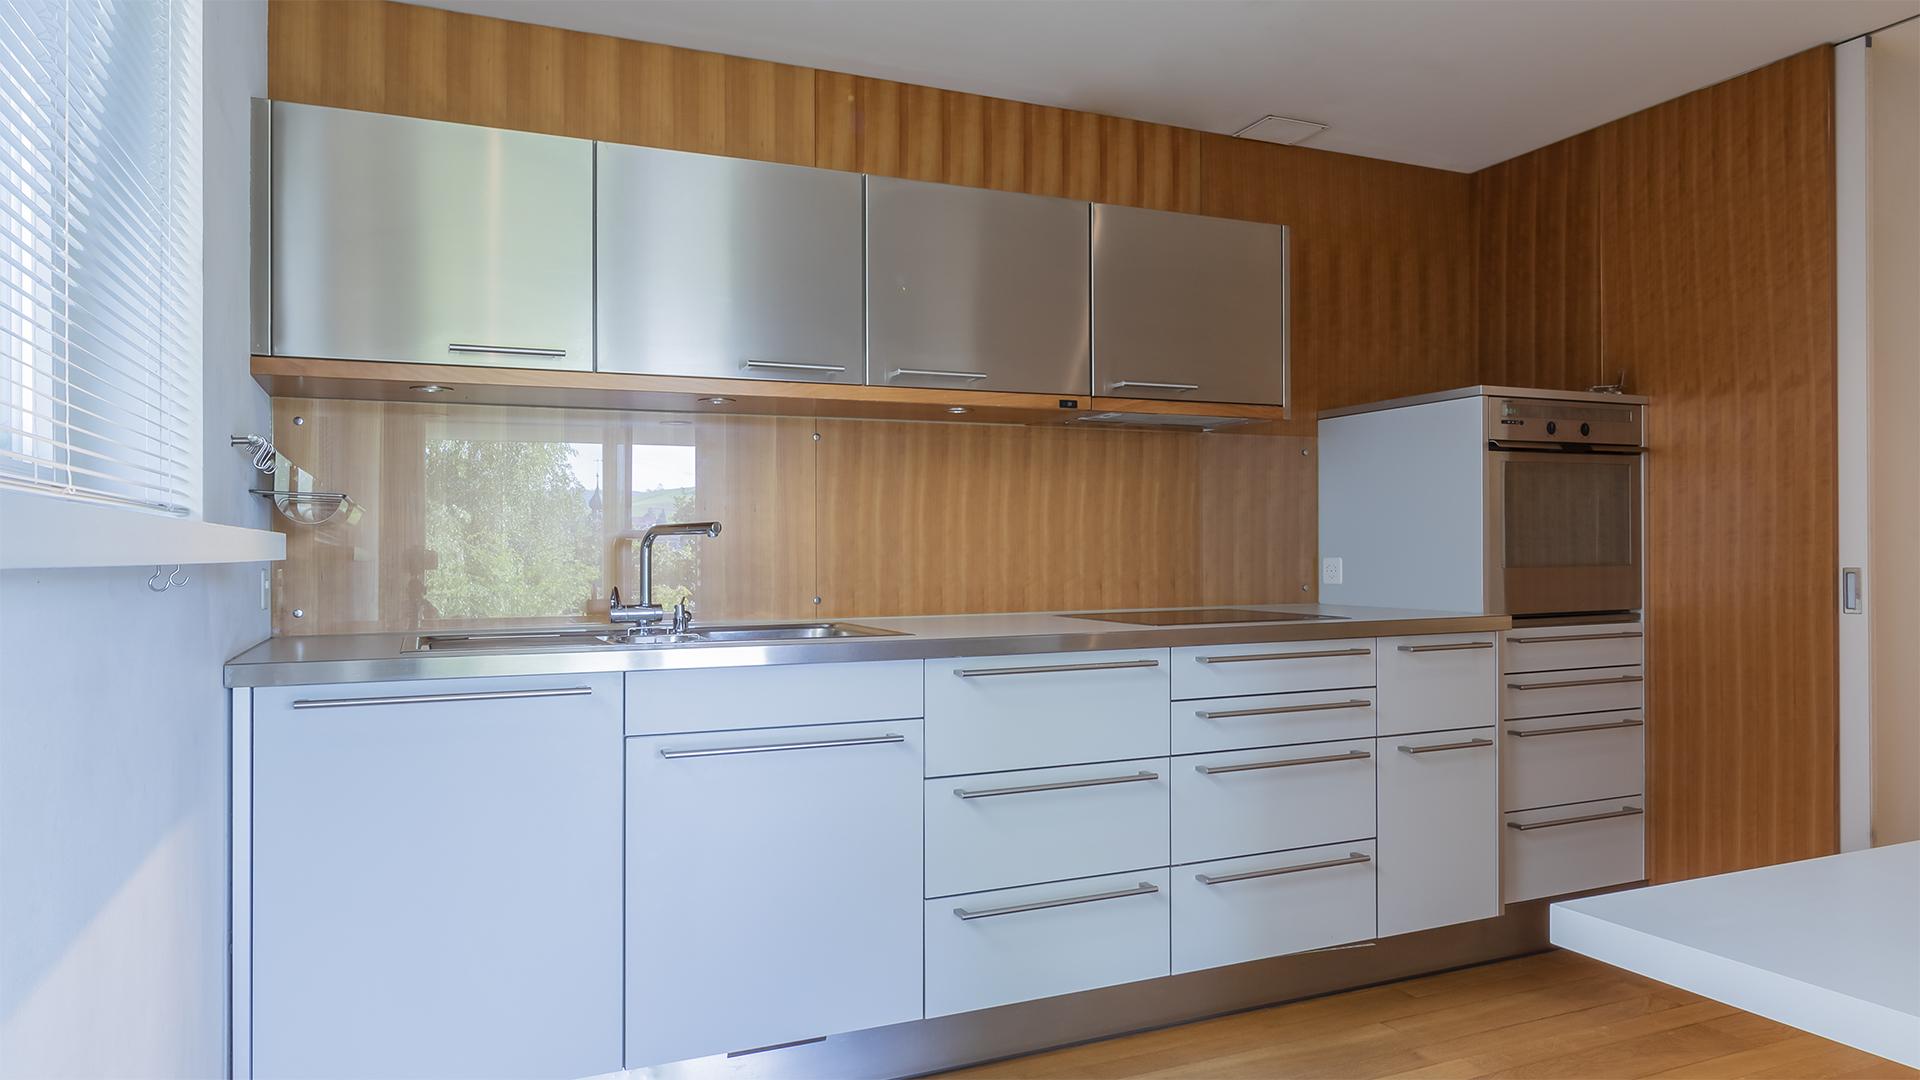 Die offene Küche bietet viel Platz und eine moderne Ausstattung.